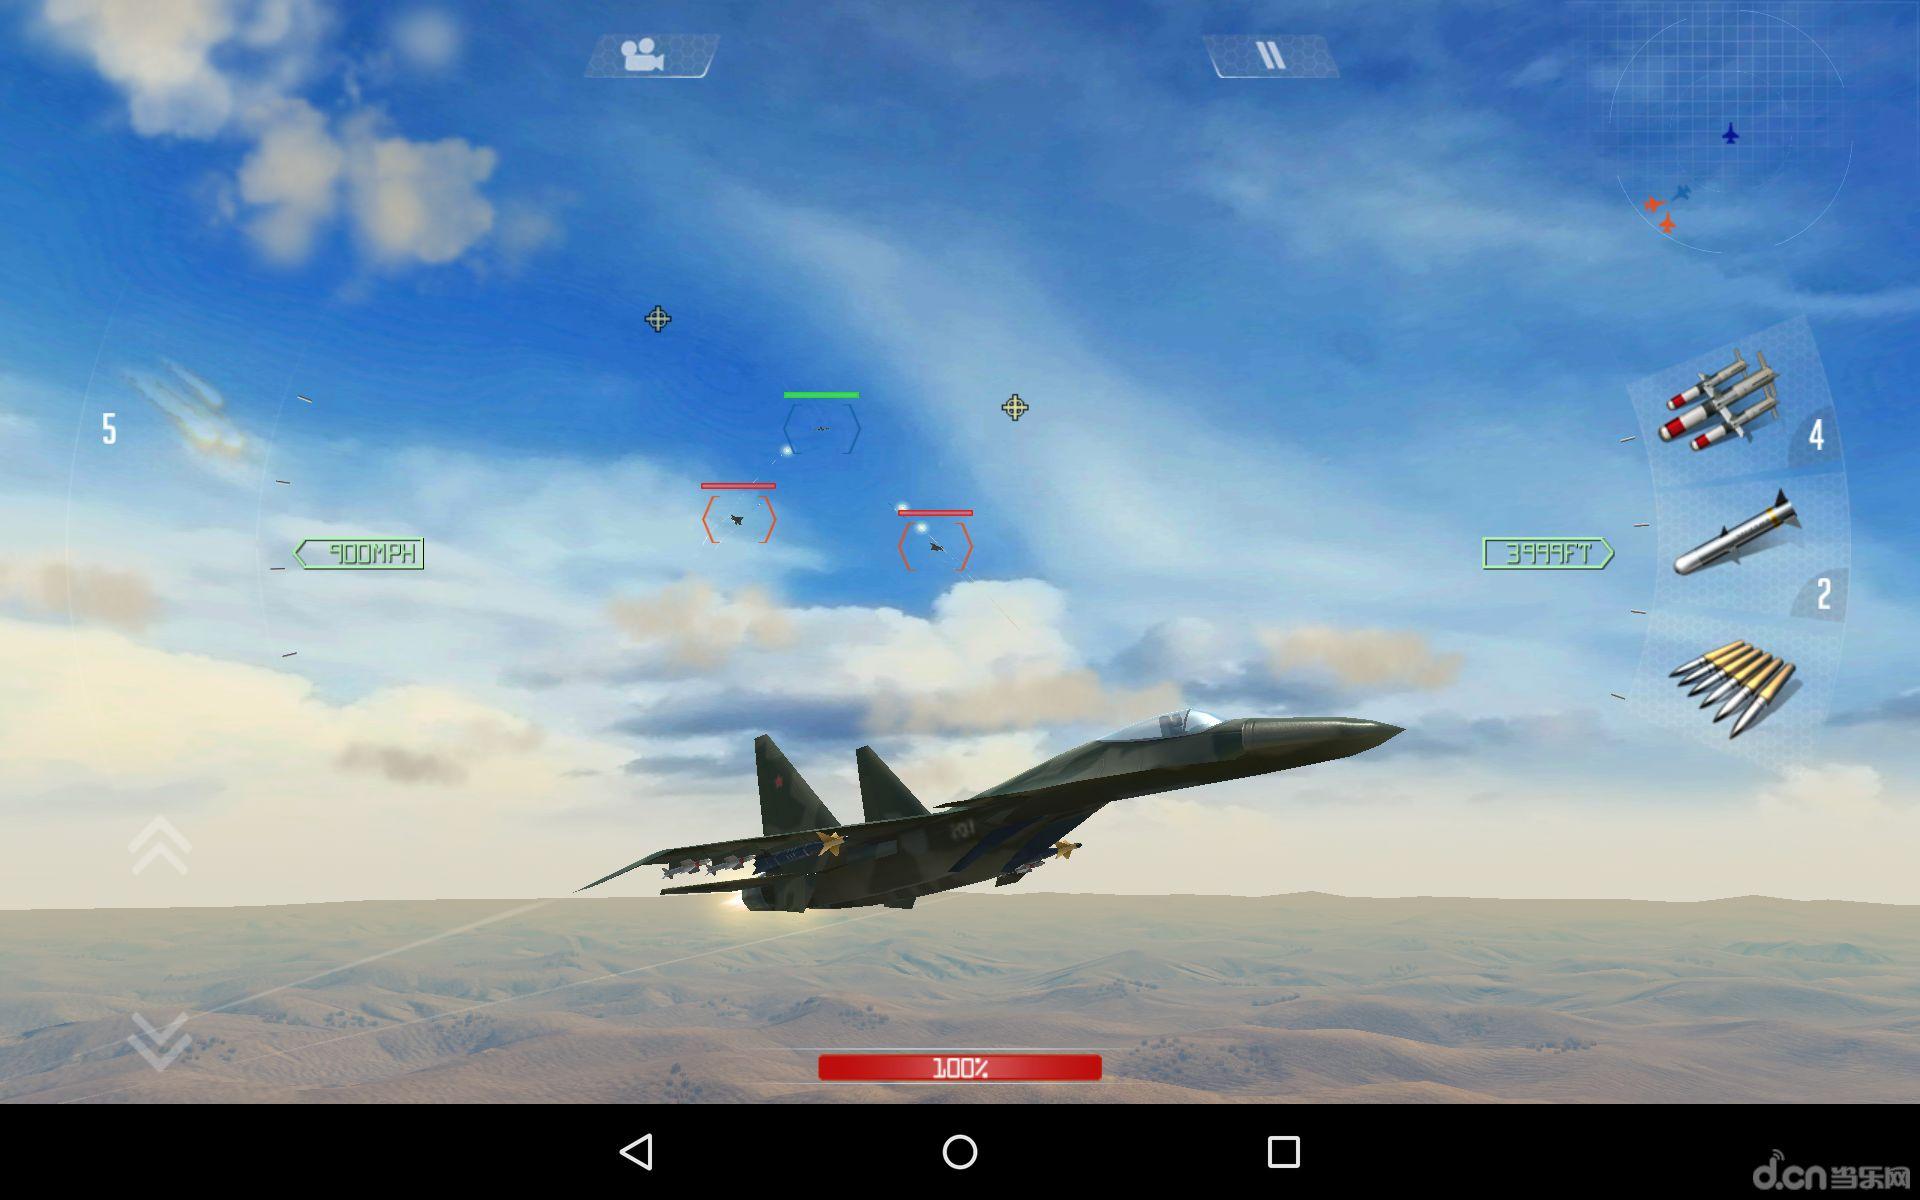 游戏提供了超过40架喷气式飞机和超过40亿平方英尺的